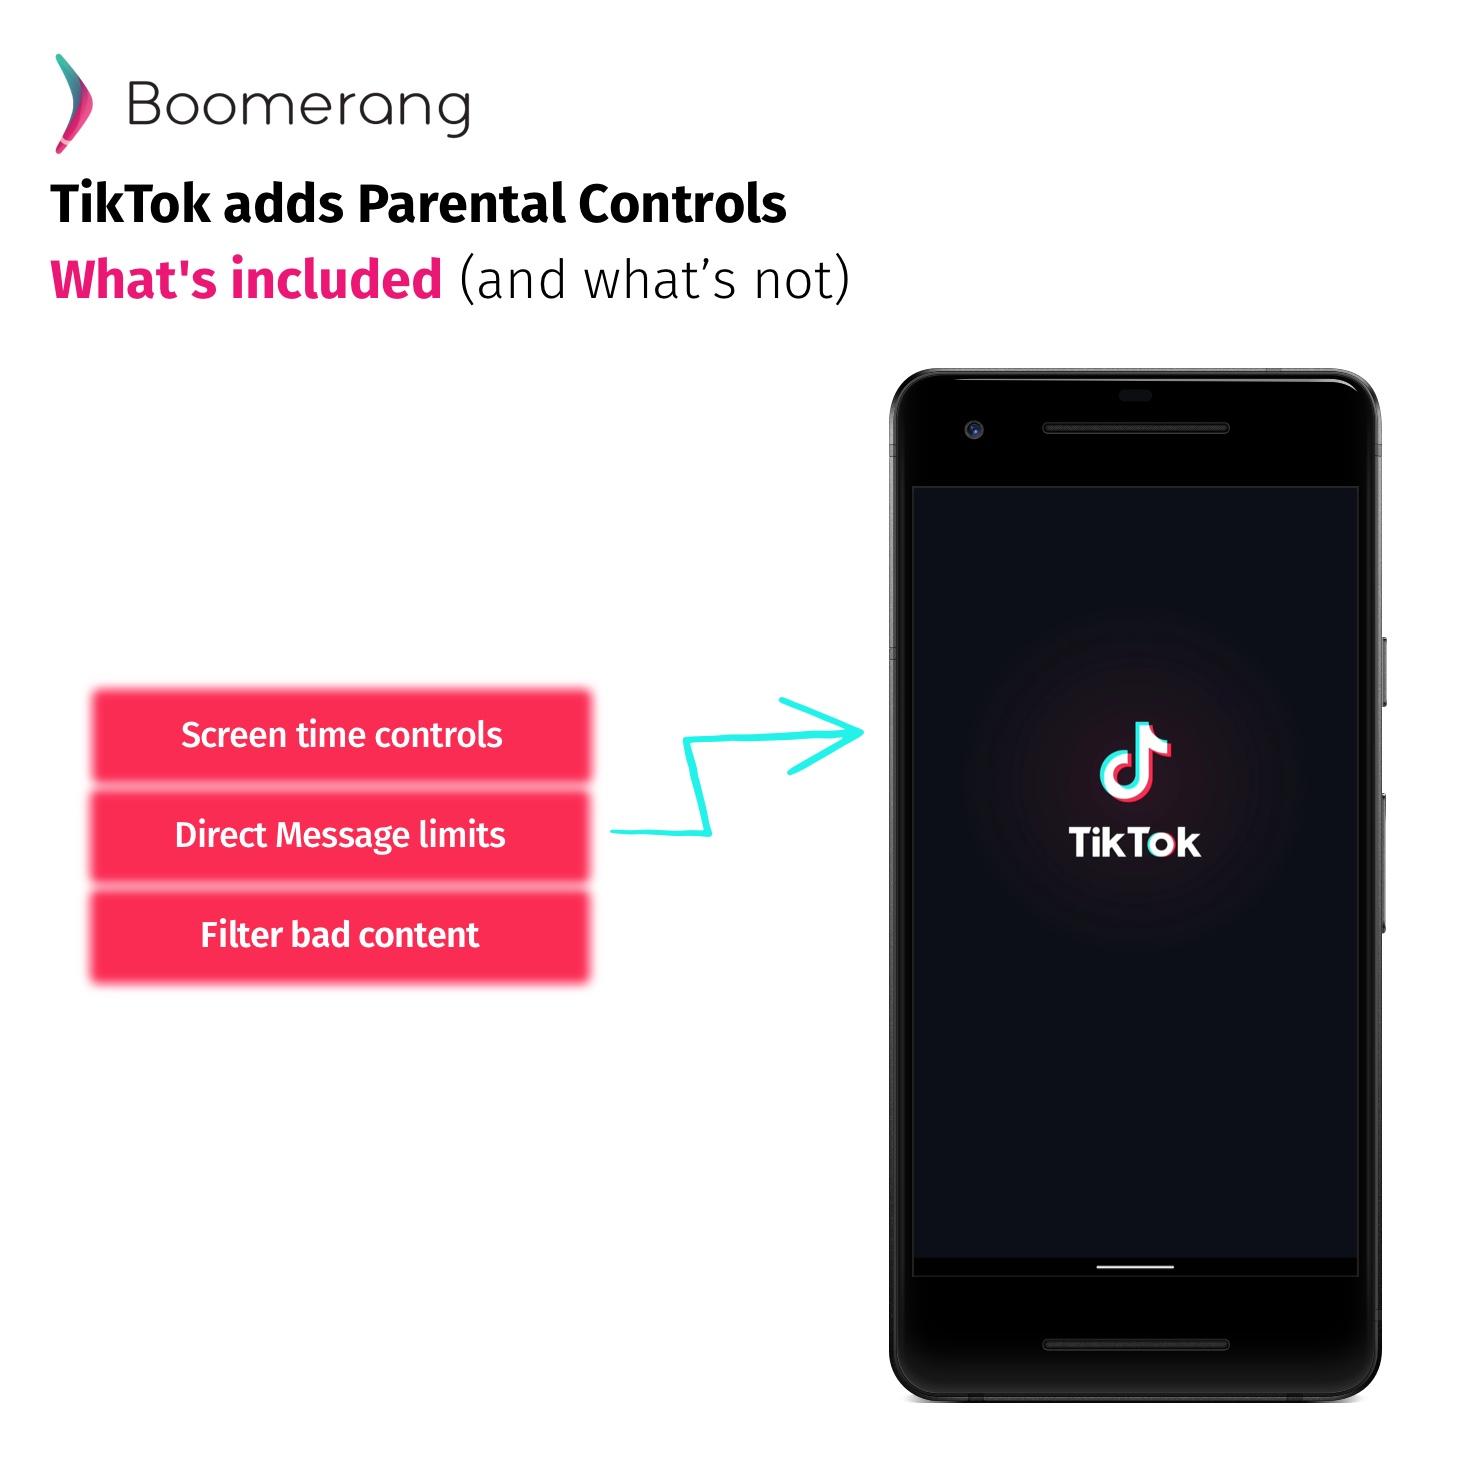 TikTok adds parental controls